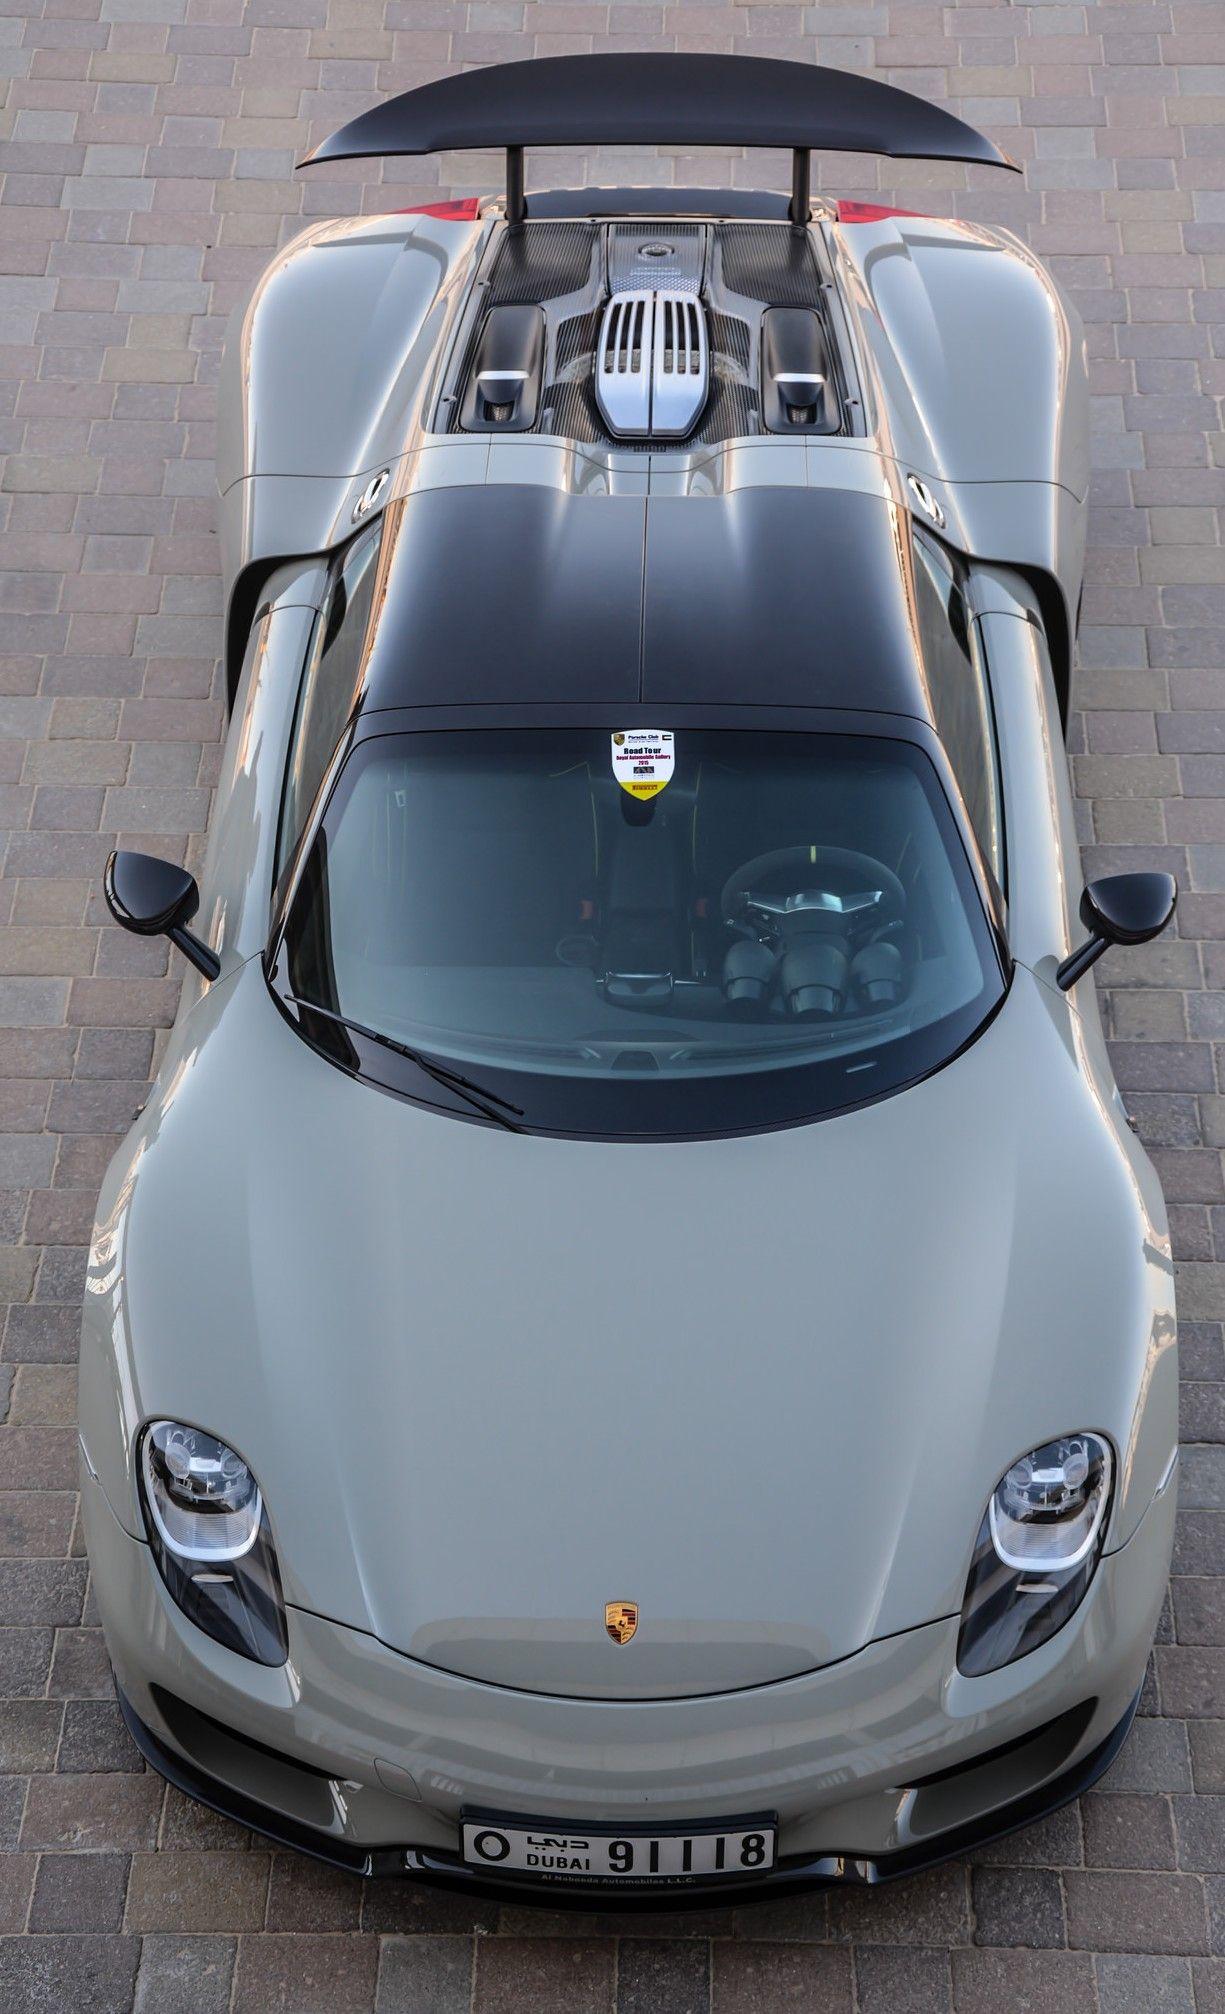 732051a17cb3df4f6716d4a6f054092d Extraordinary Porsche 918 Spyder Weissach Package Precio Cars Trend